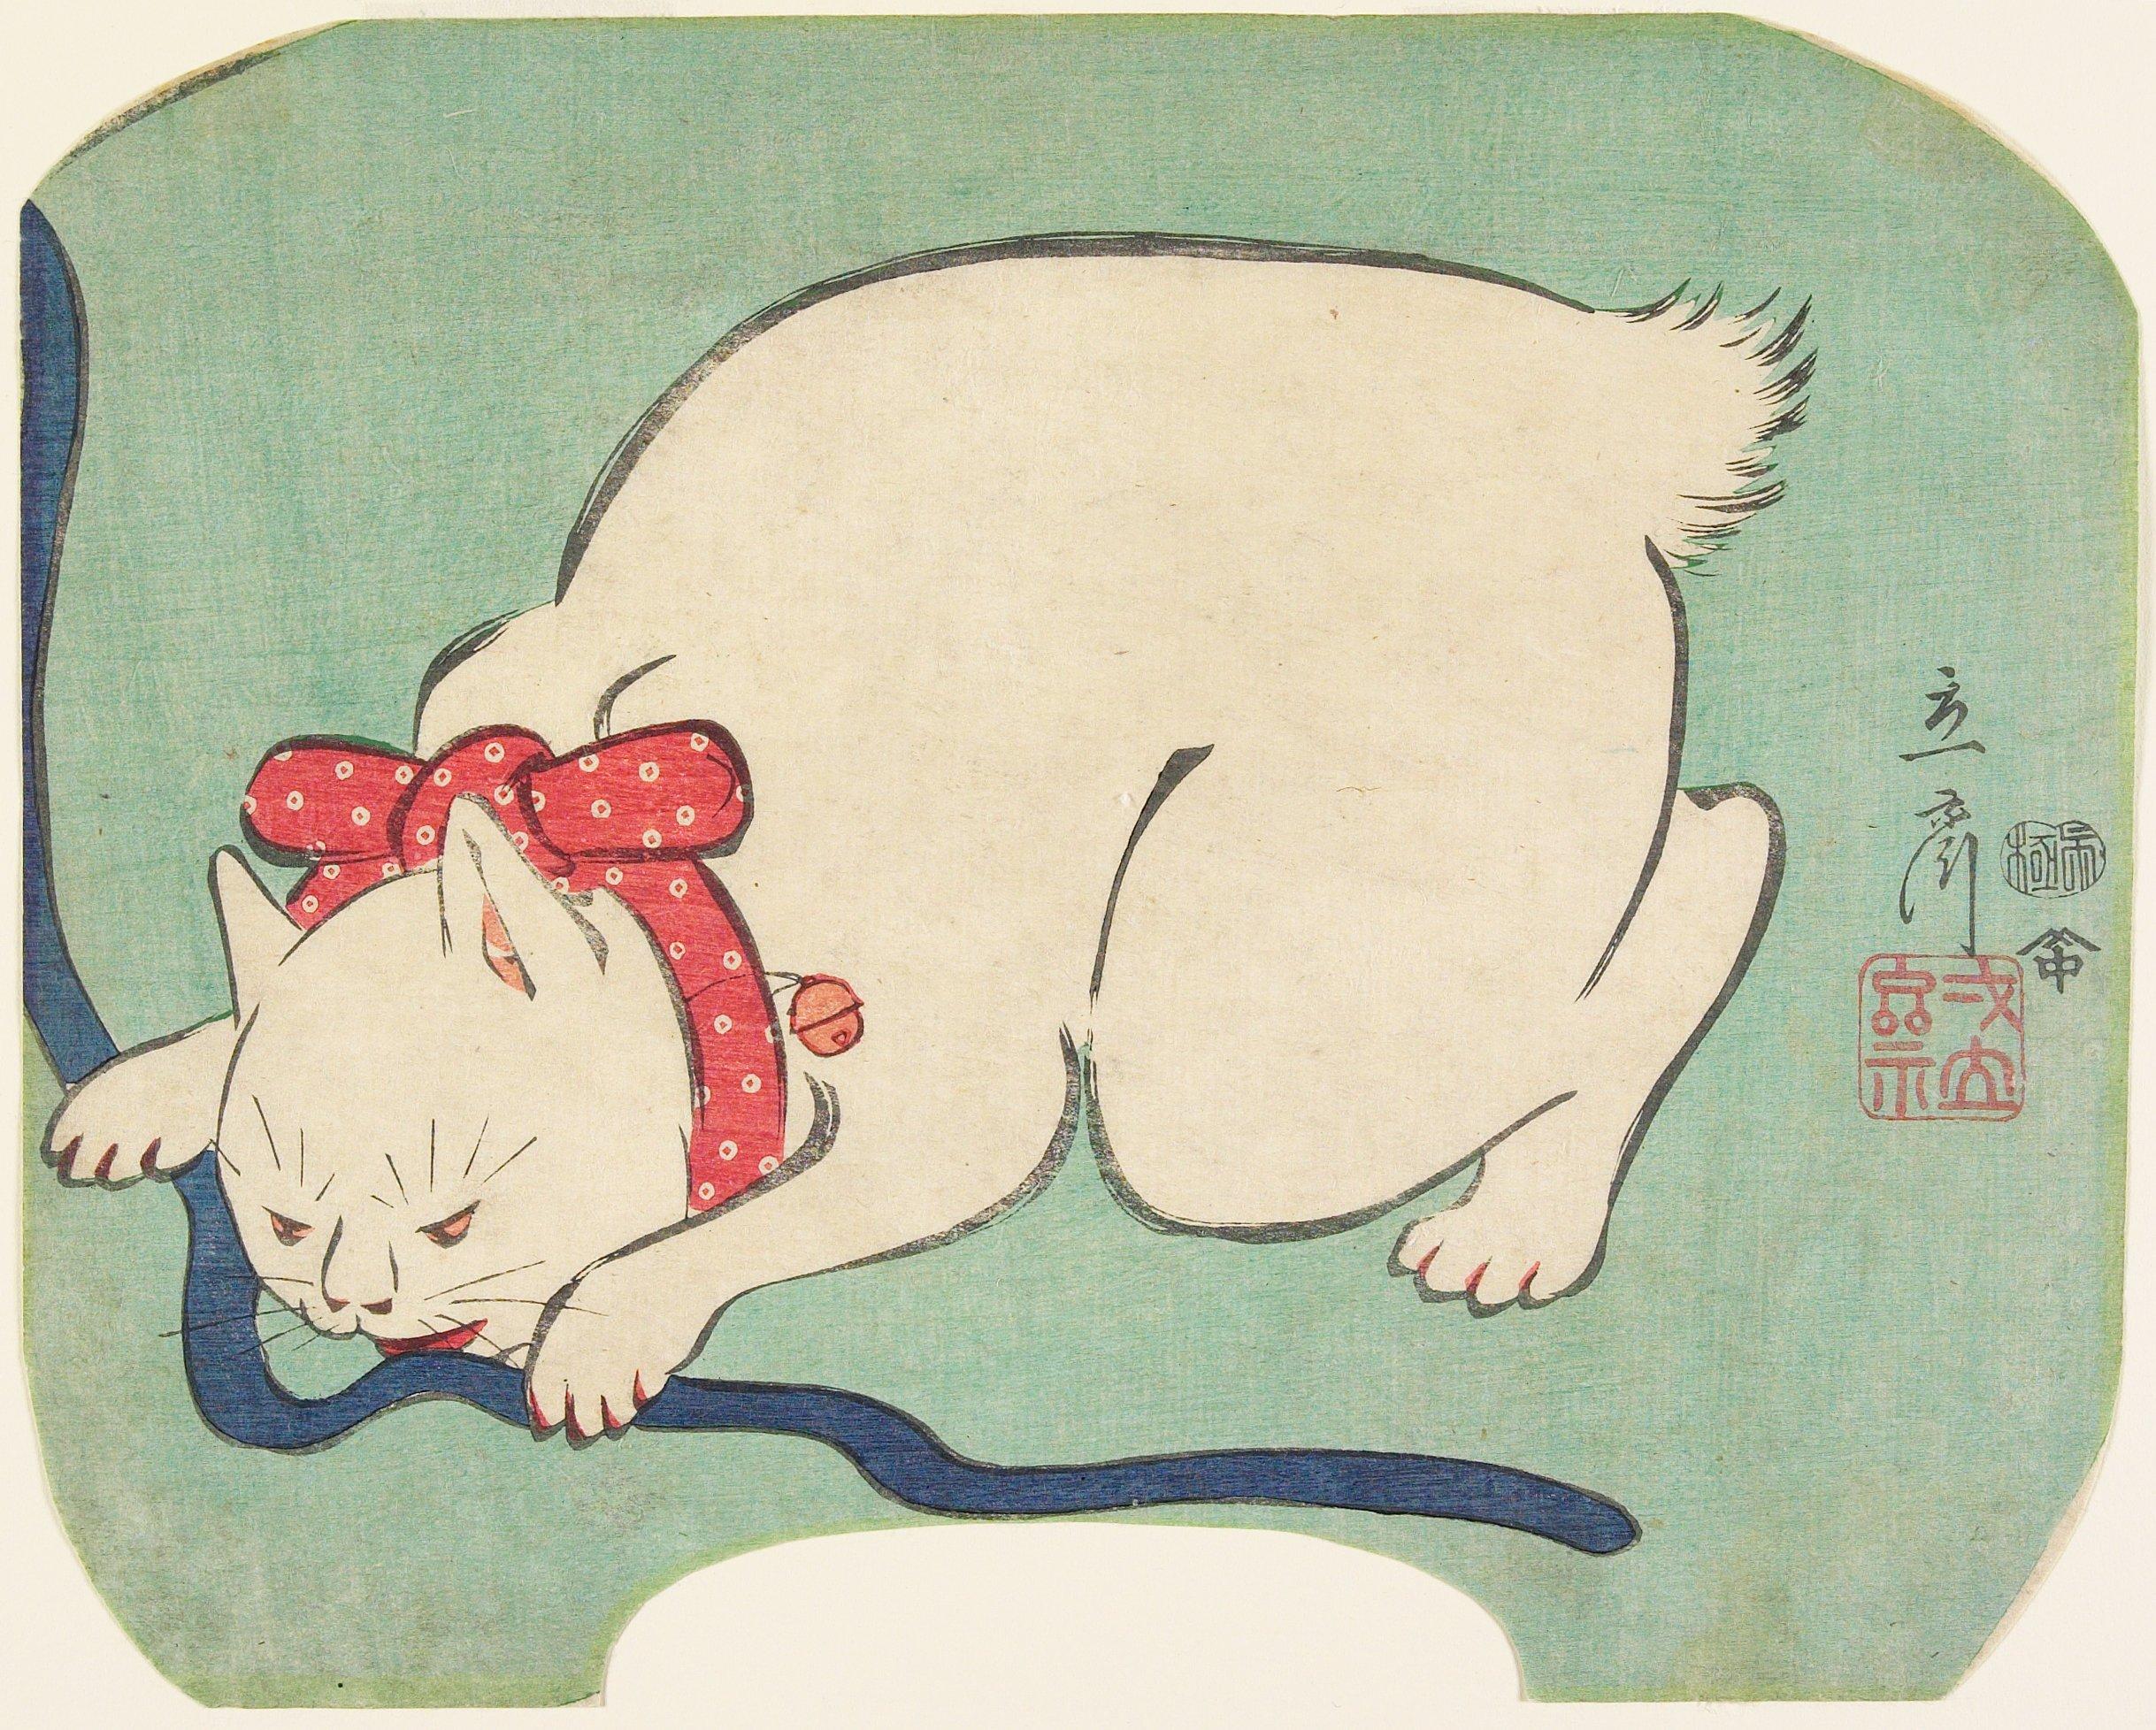 Holzschnitt einer weiße Katze